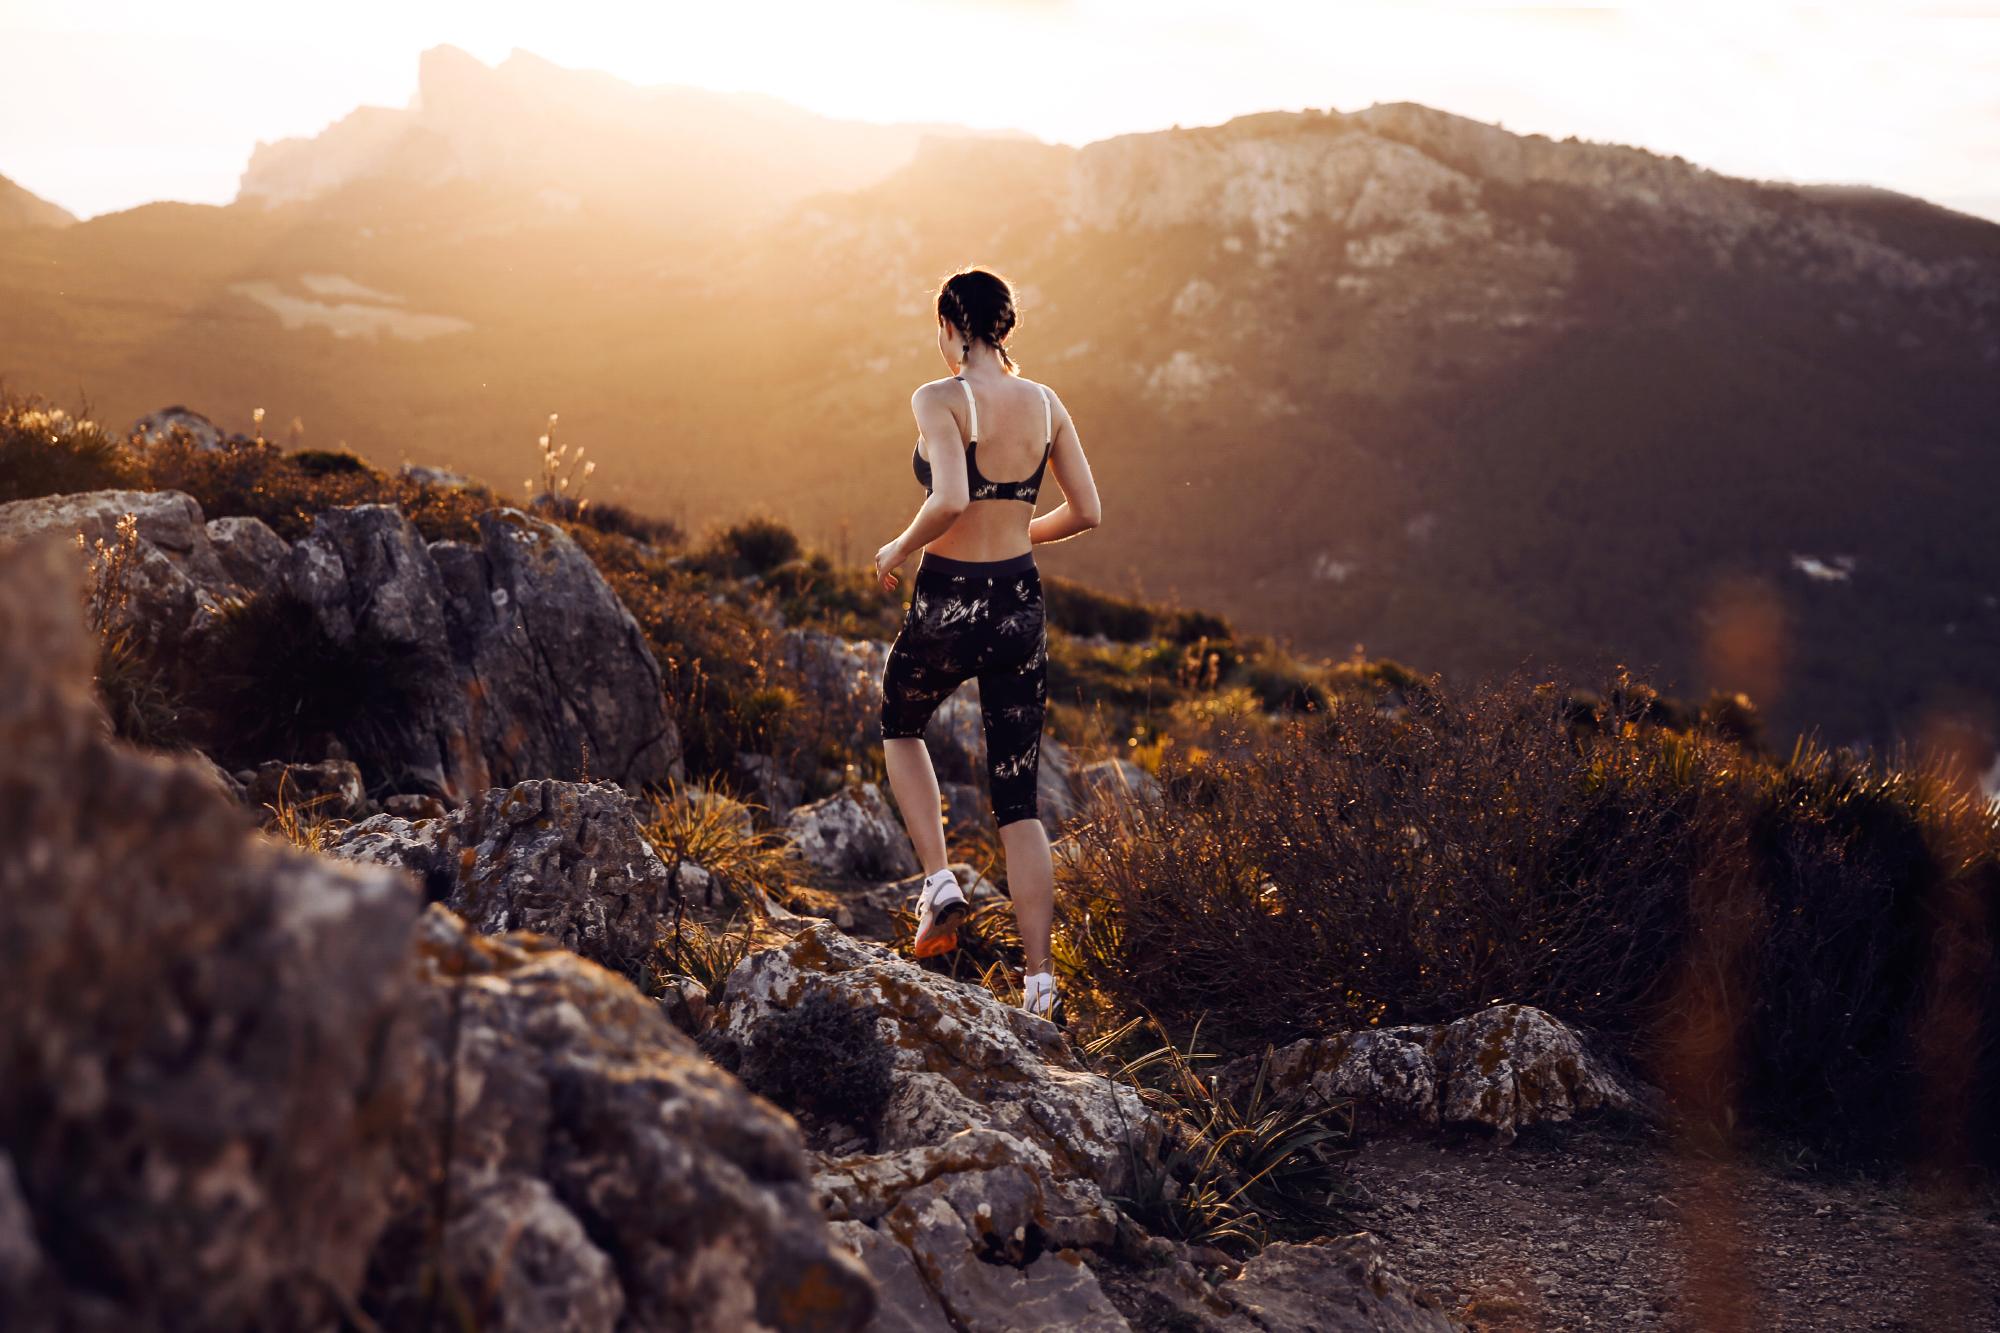 Fitnessblog-Fitnessblogger-Fitness-Blog-Blogger-Muenchen-Deutschland-Lindarella-Triumph-Triaction-Hybrid_Lite_P-Sportbh-Test-Laufen-Halt_05